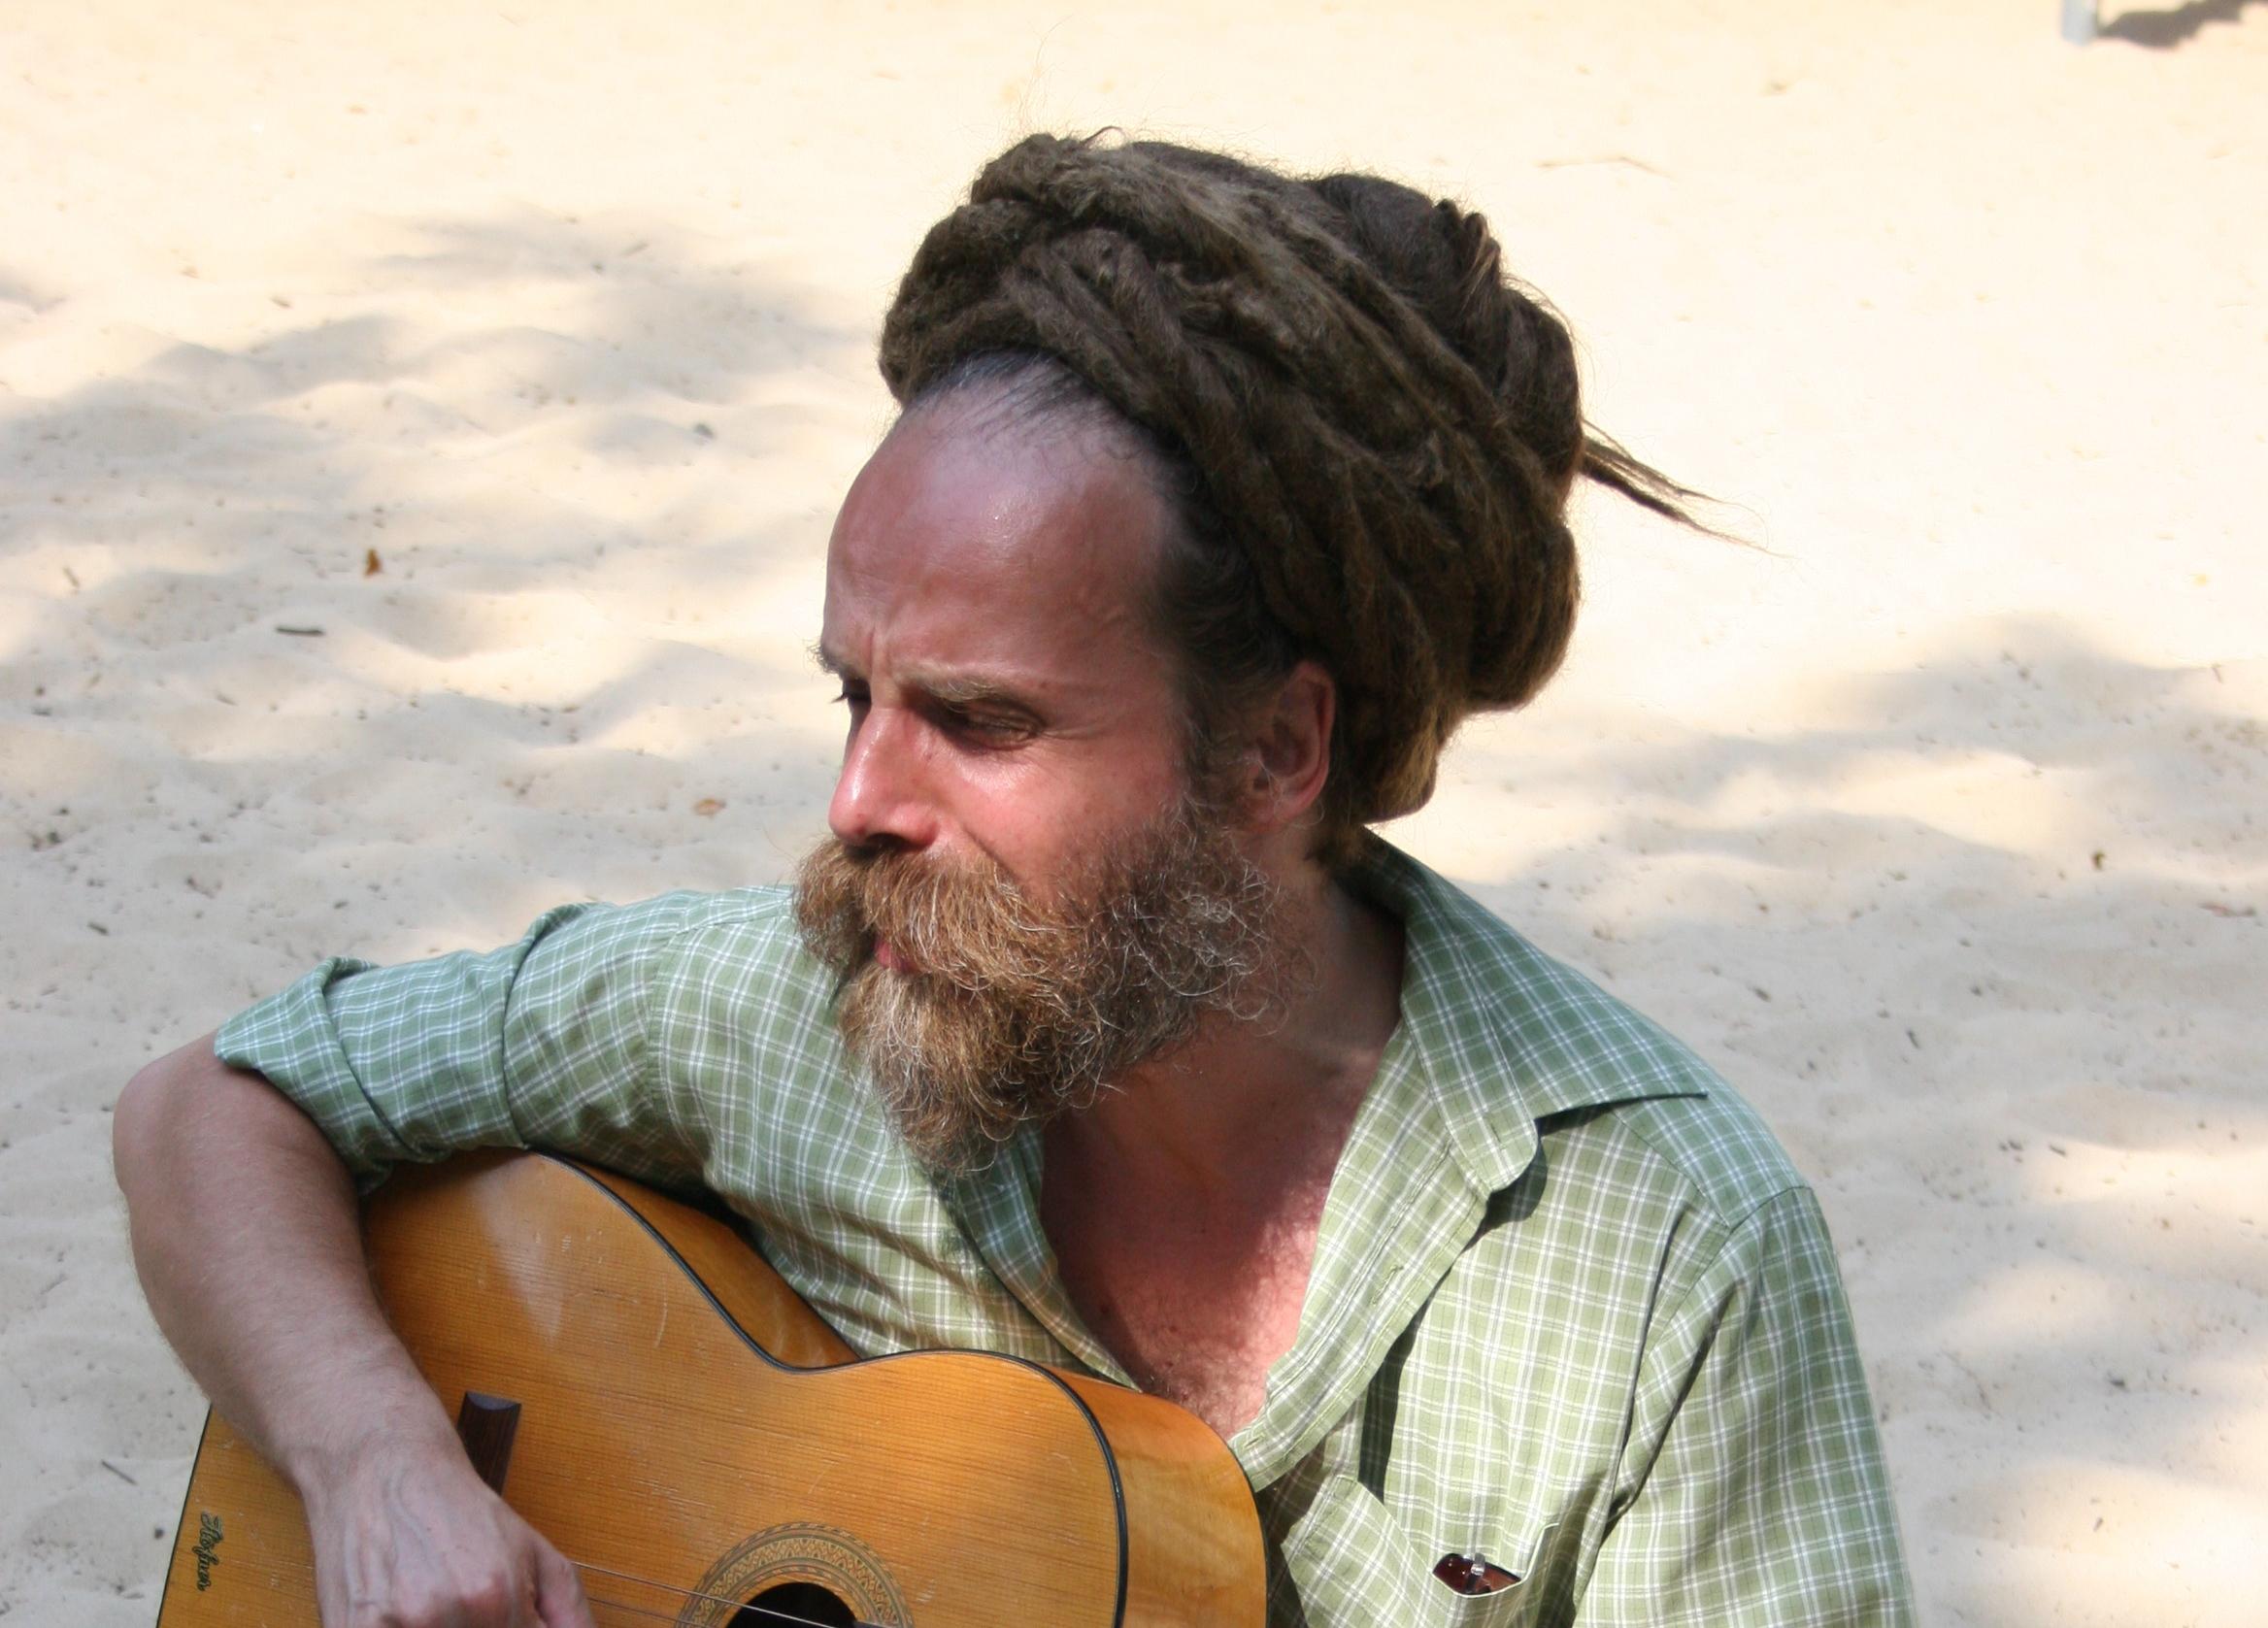 Mann im Sandkasten